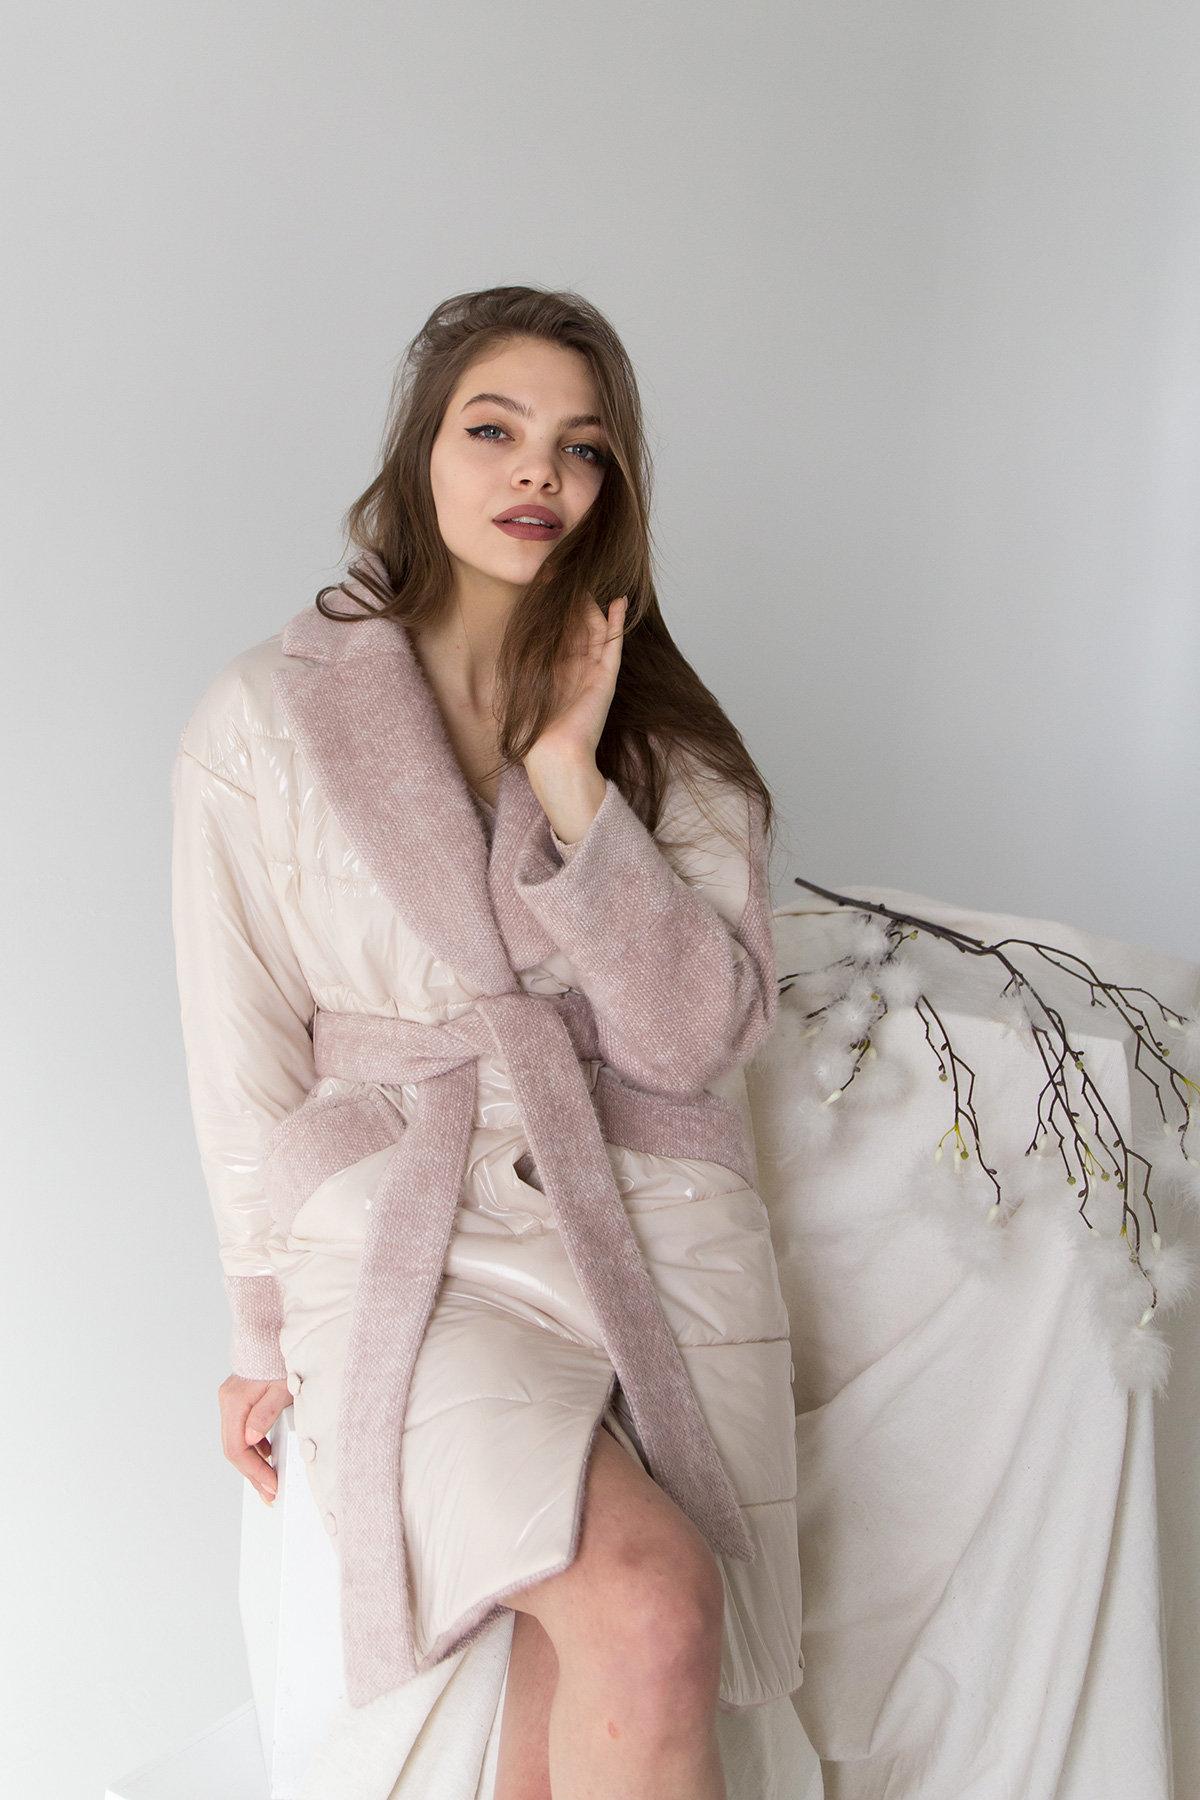 Комбинированное пальто с плащевкой Санья 8780 АРТ. 45123 Цвет: Пудра/молоко - фото 8, интернет магазин tm-modus.ru